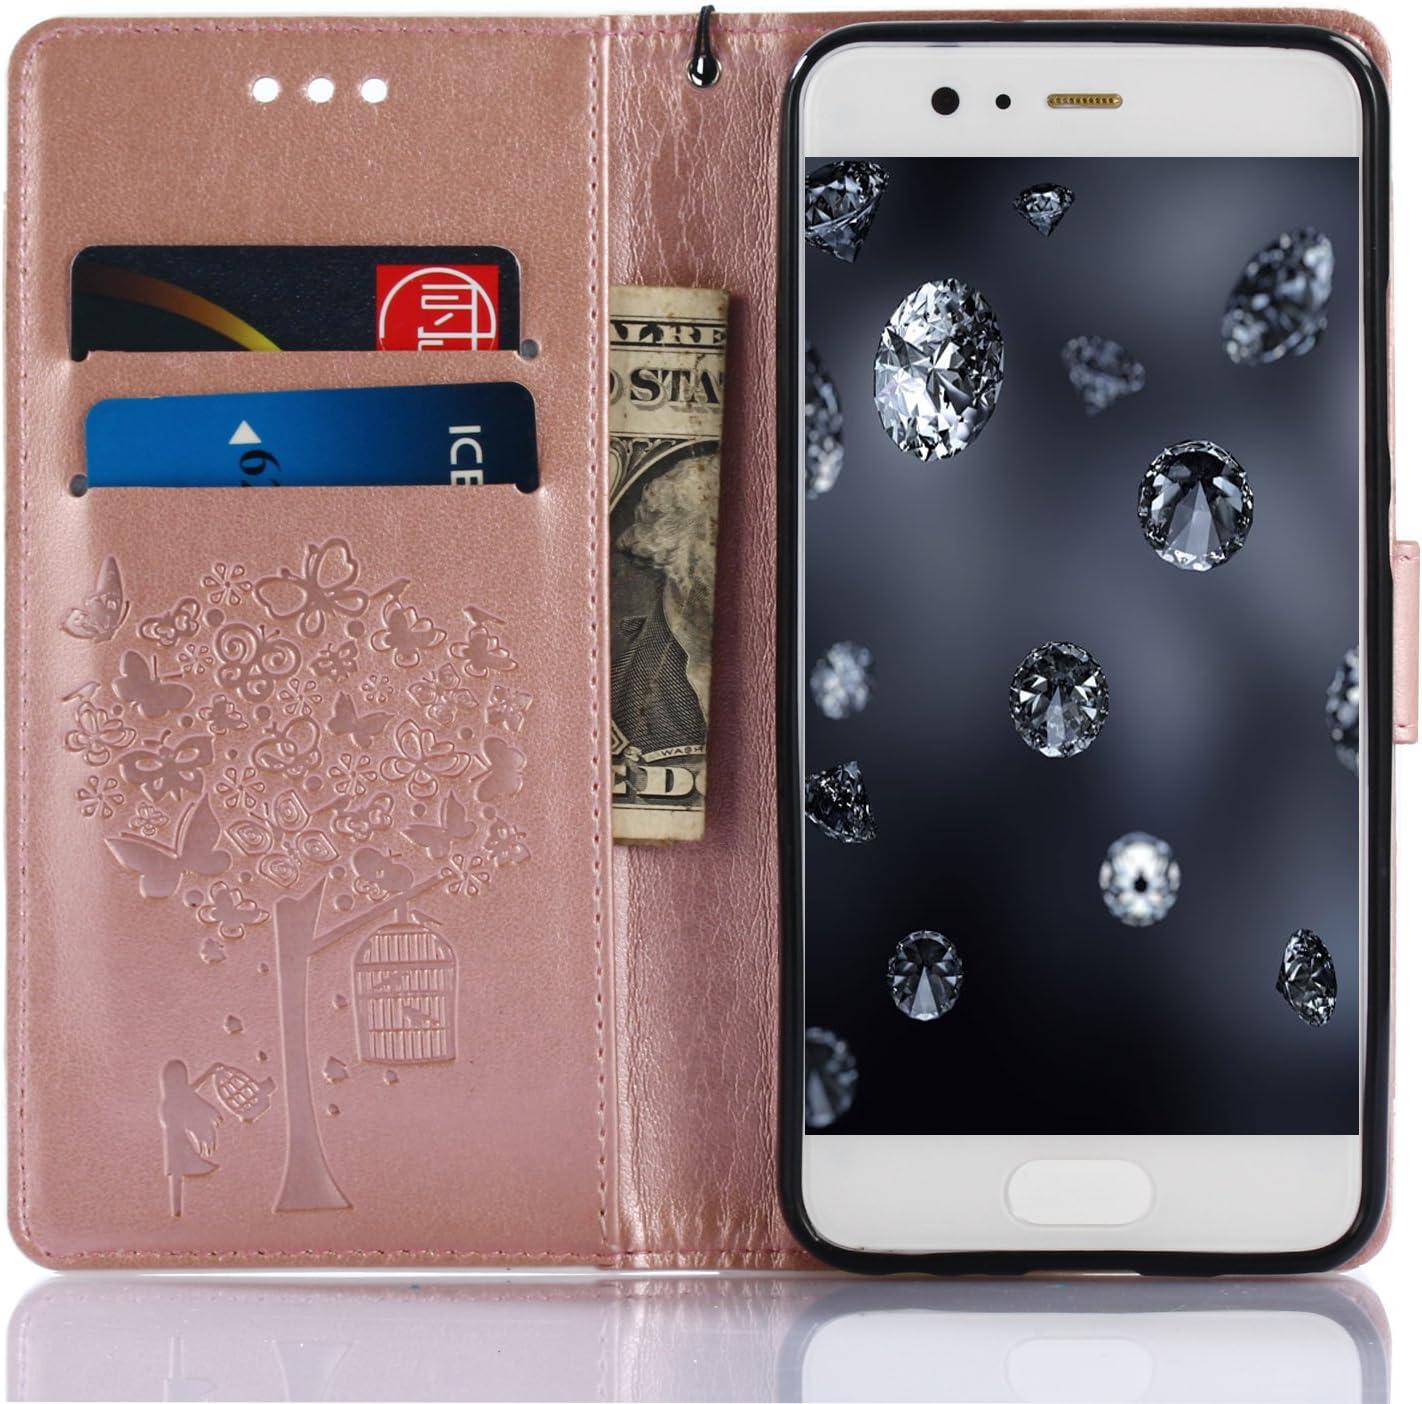 6 Palma Modello Aeeque 10 Albero e Ragazza 9 Mandala Fiori Portafoglio Stile del Libro PU Pelle Flip Smart Cover per Huawei P8 Lite 5.0 Pollici